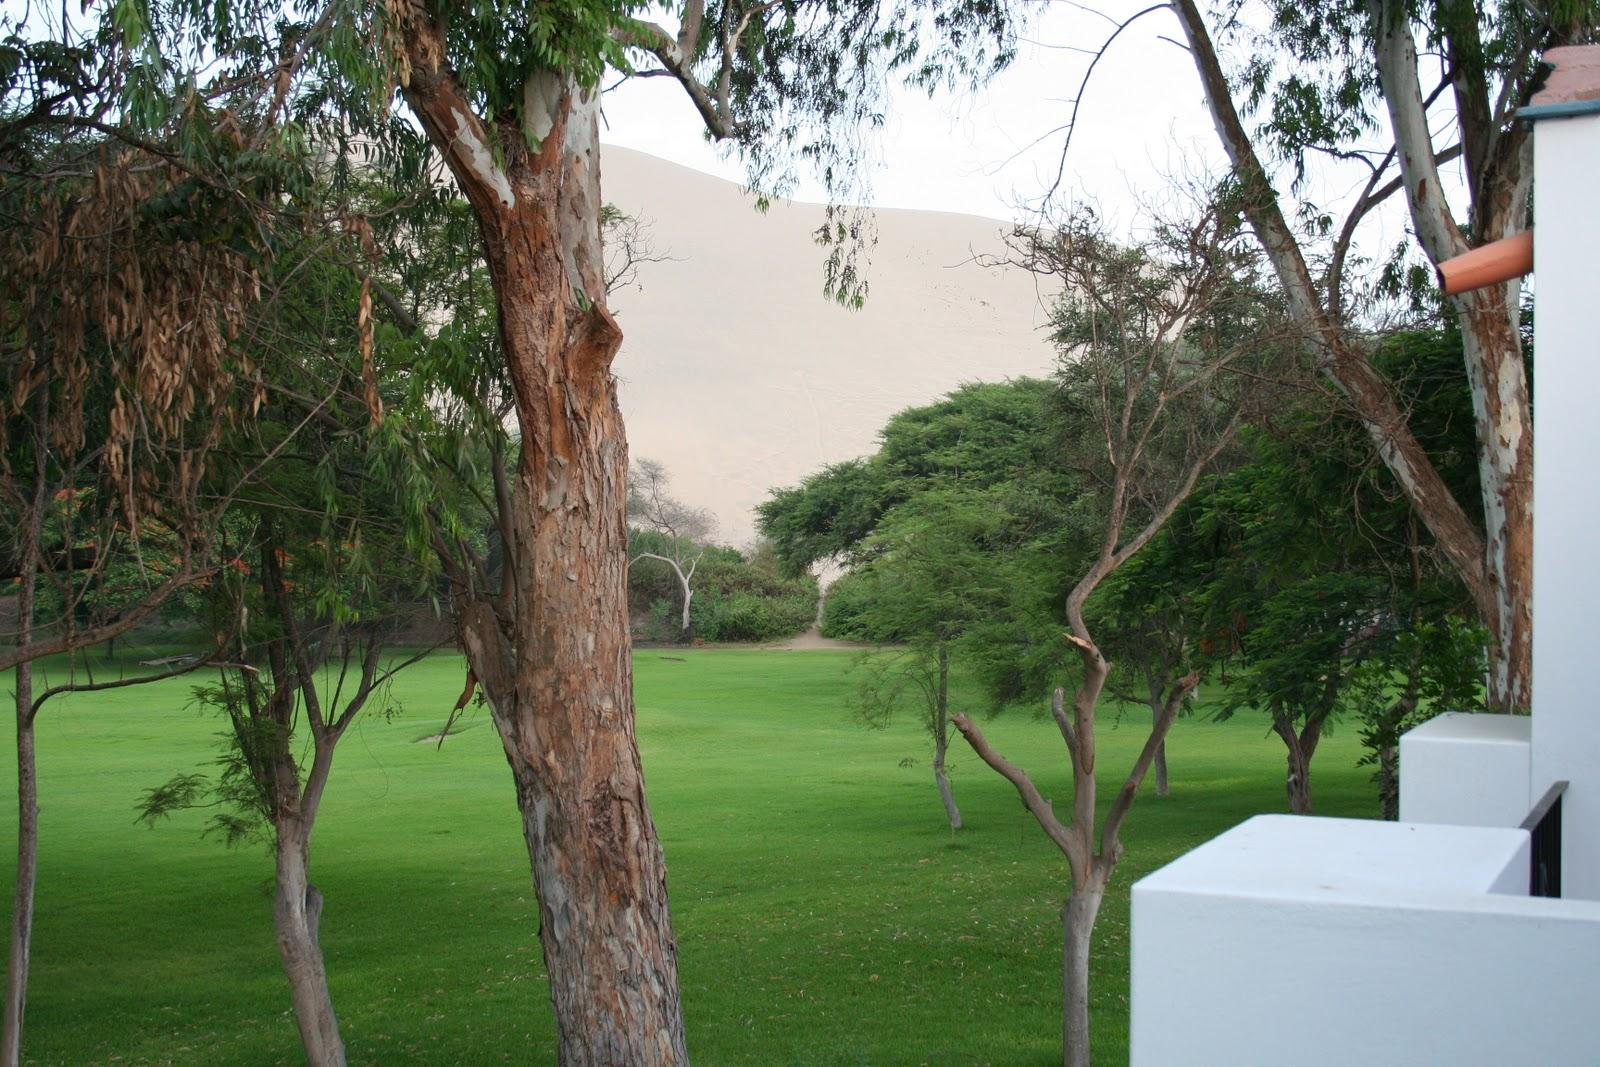 El mundo de pepe hermano per sur ii ica y el enigma for Camping el jardin de las dunas